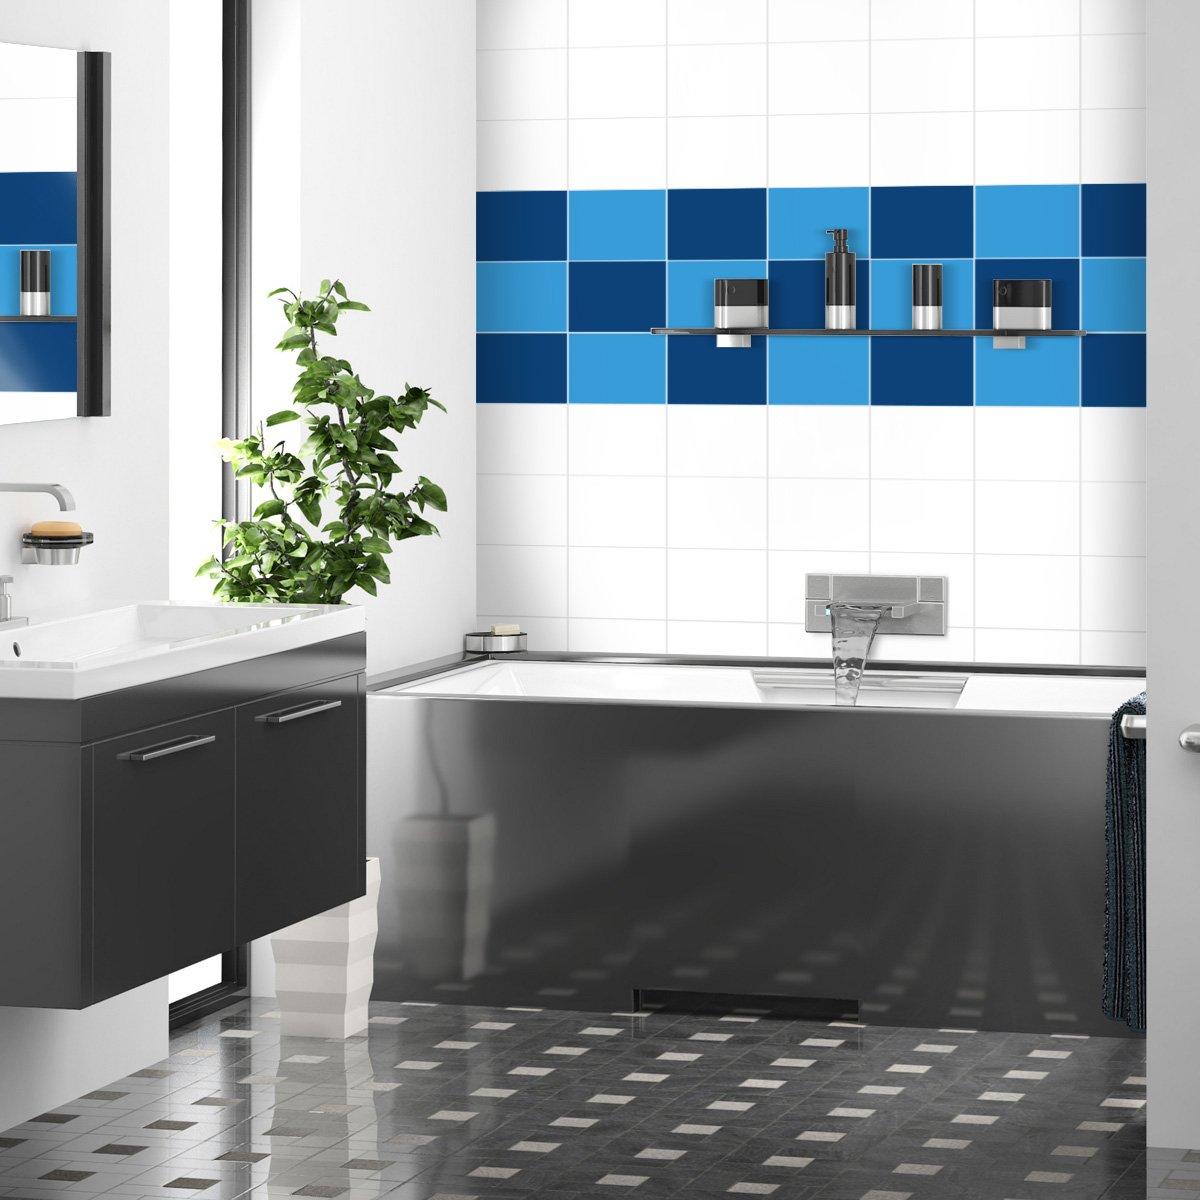 Wandkings Fliesenaufkleber für Küche und Badezimmer, 19,5 x 24,5 24,5 24,5 cm, 50 Stück - Farbe wählbar B007JBGYYO Wandtattoos & Wandbilder 11f80a